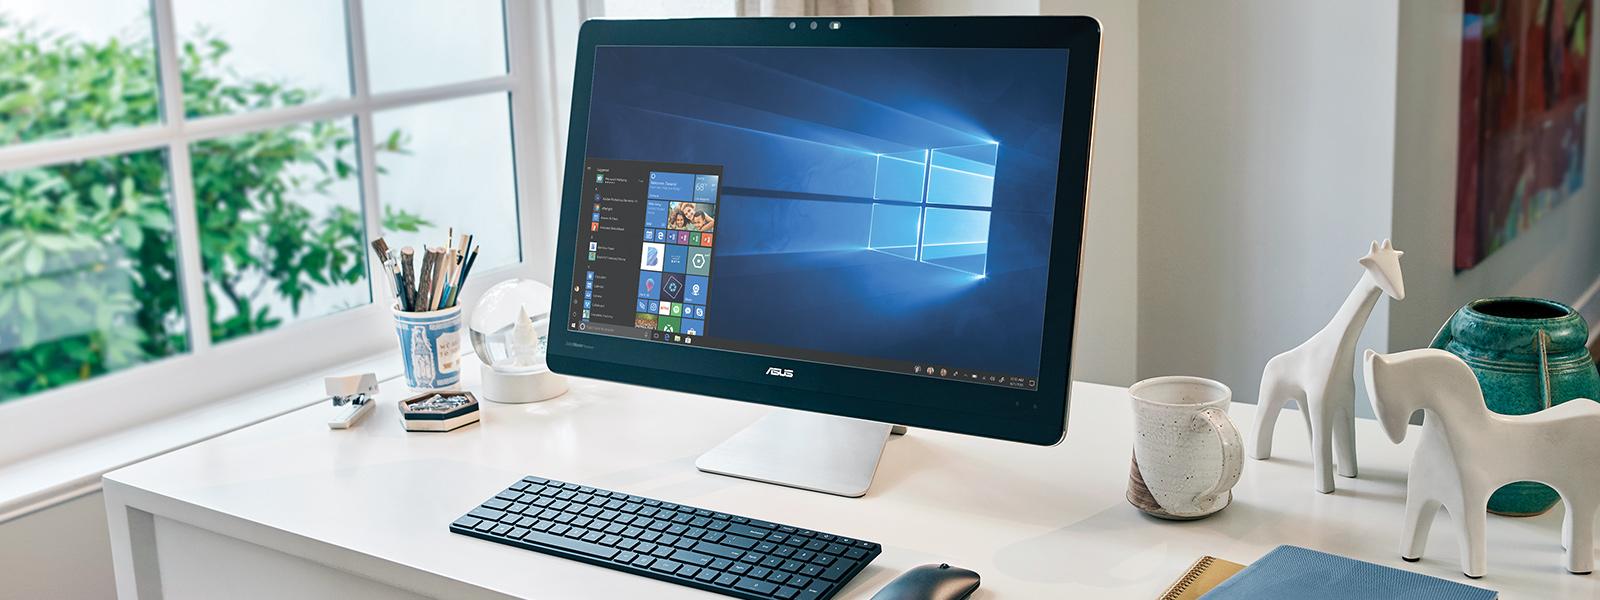 Một máy tính ASUS trên bàn có chuột không dây và bàn phím bên cạnh